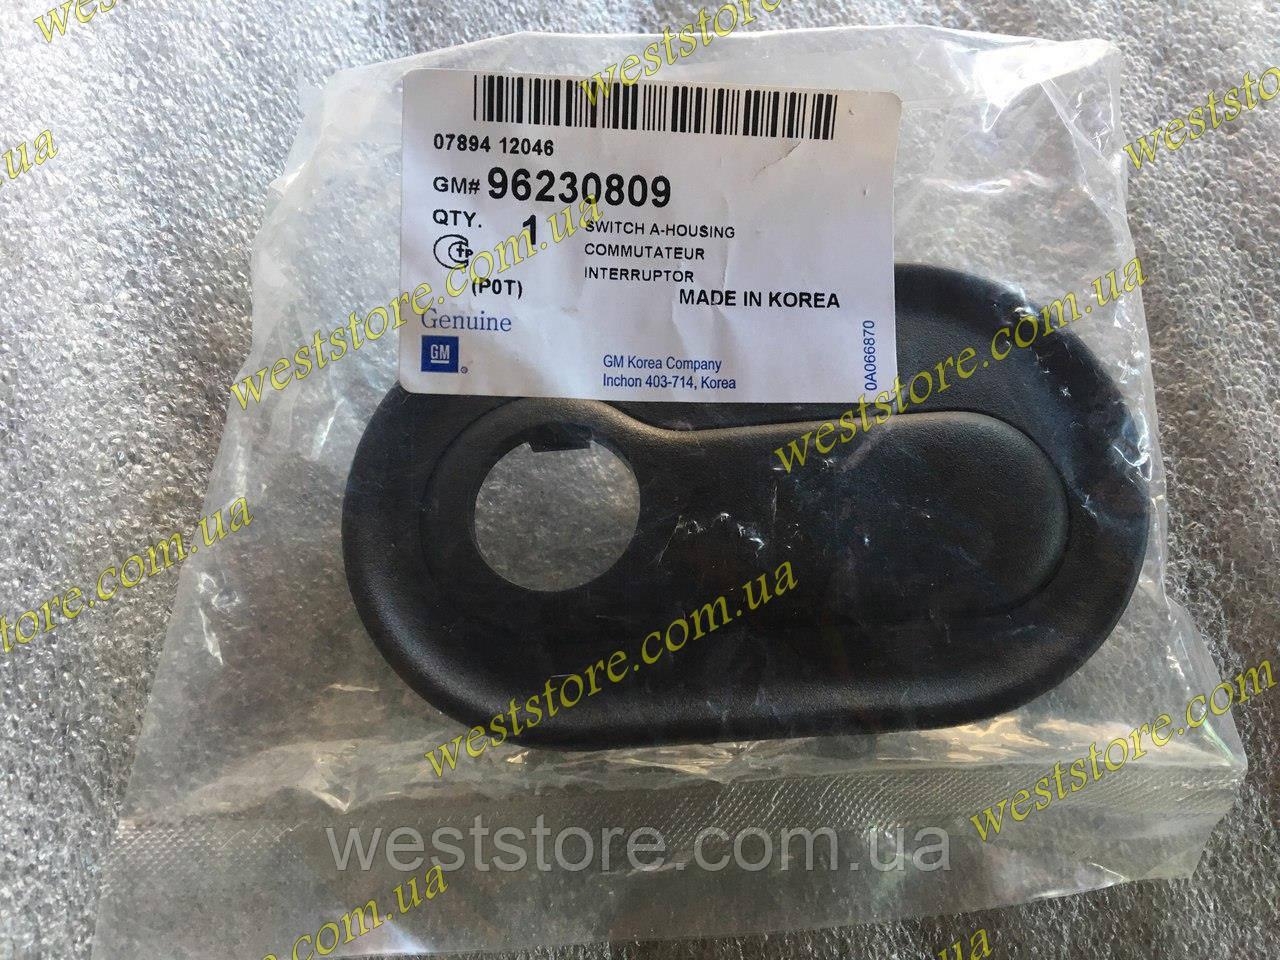 Заглушка коректора фар на панелі приладів ланос Lanos 96230809 GM